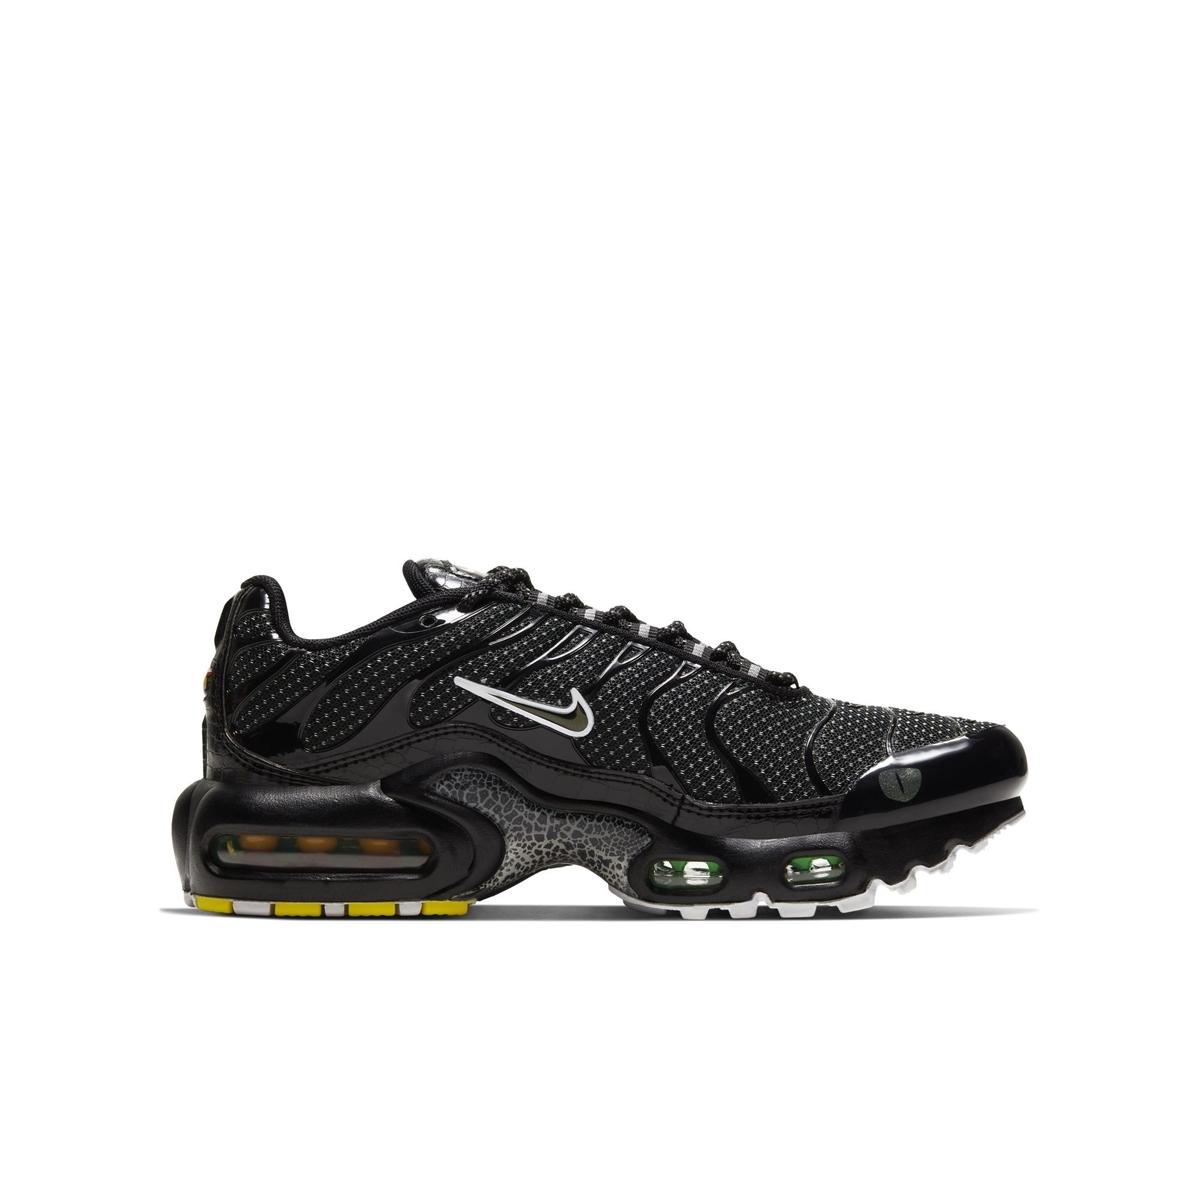 Nike,Air Max Plus  超帅蛇眼细节!Air Max Plus 这款新配色颇有看点!